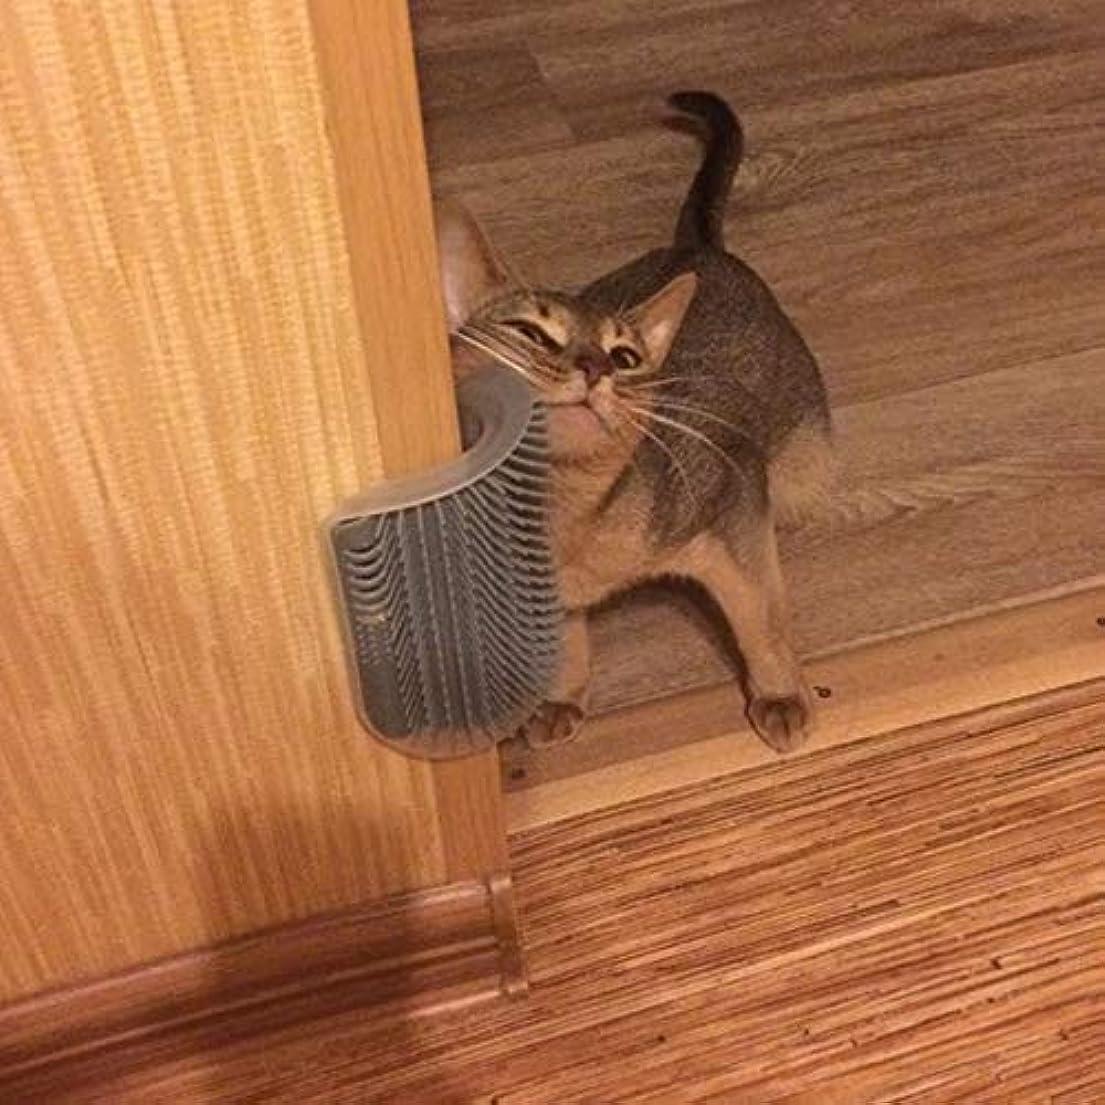 裸失われた巡礼者AJSHGD ペットくしリムーバブル猫コーナー引っかき擦るブラシペット脱毛マッサージくしペットグルーミングクリーニング用品 (色 : ライトグリーン, サイズ : M)